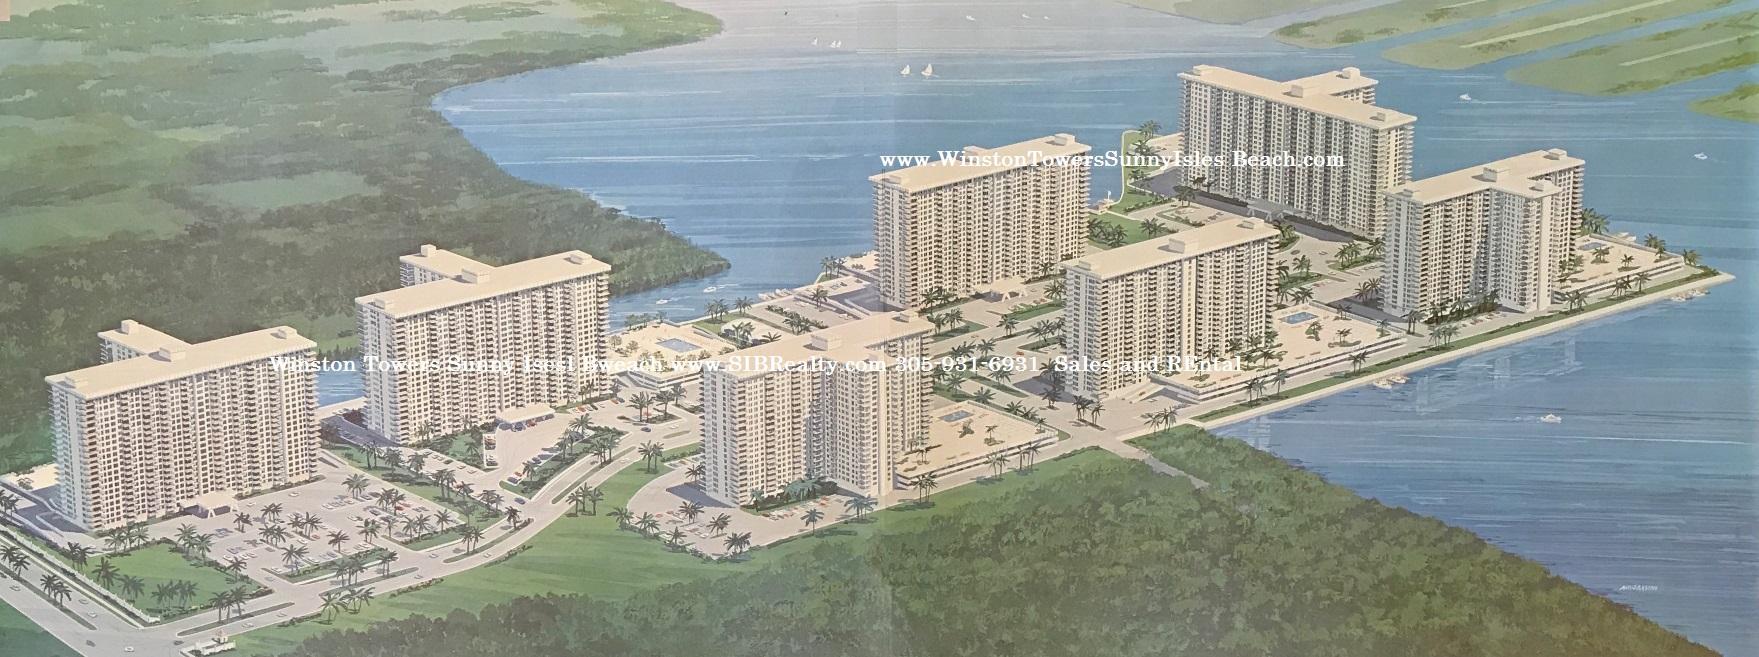 Winston Towers Sunny Isles Beach SIB Realty 305-931-6931